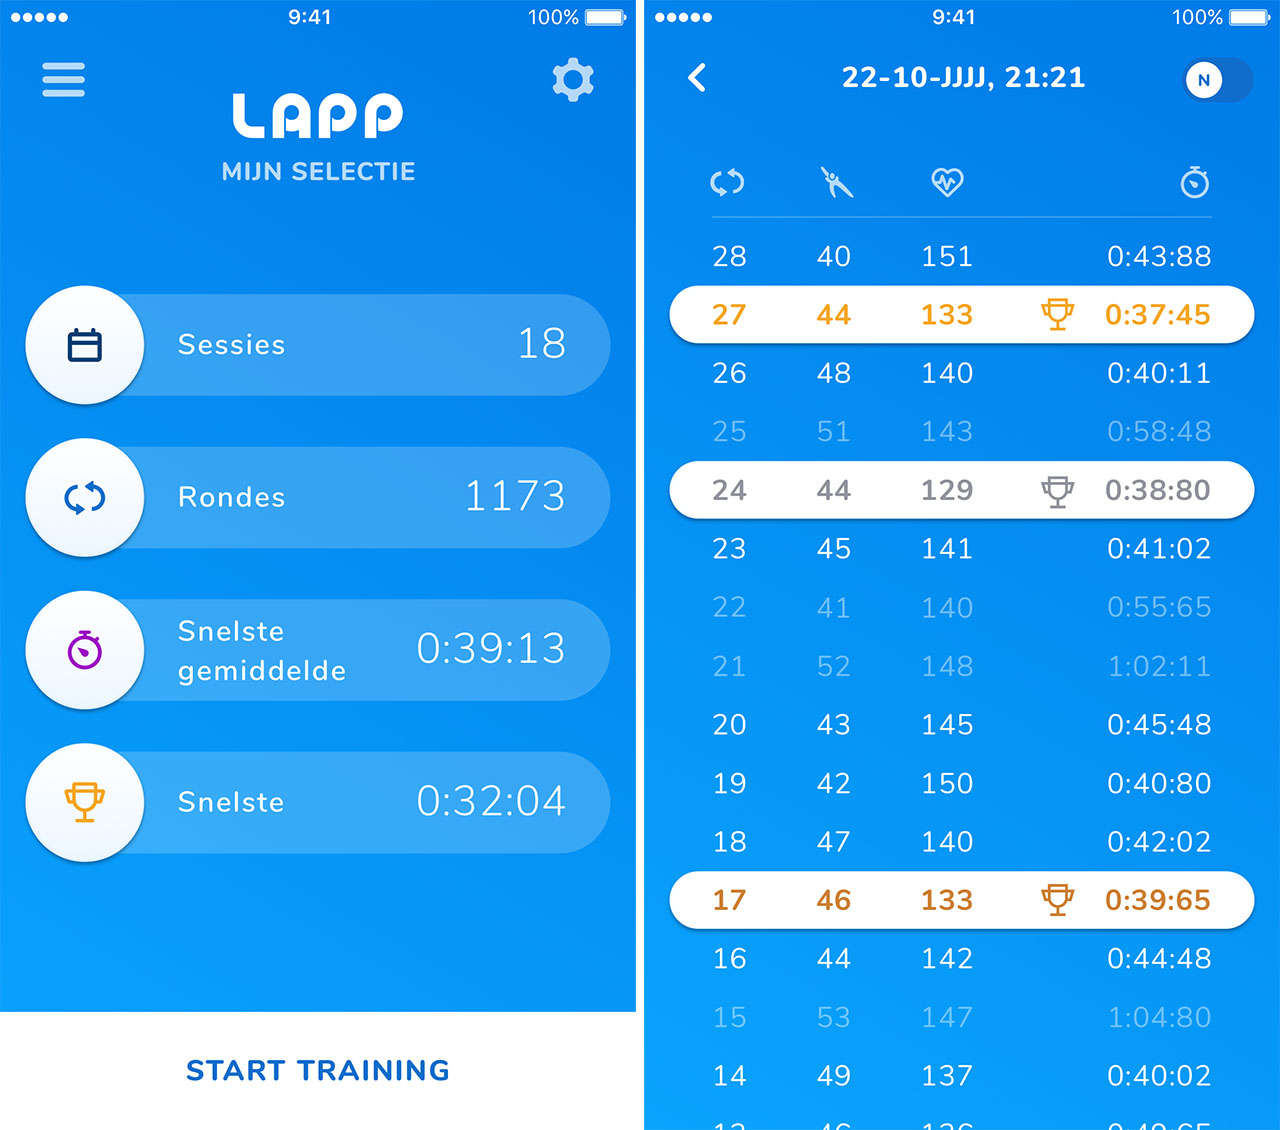 LAPP app